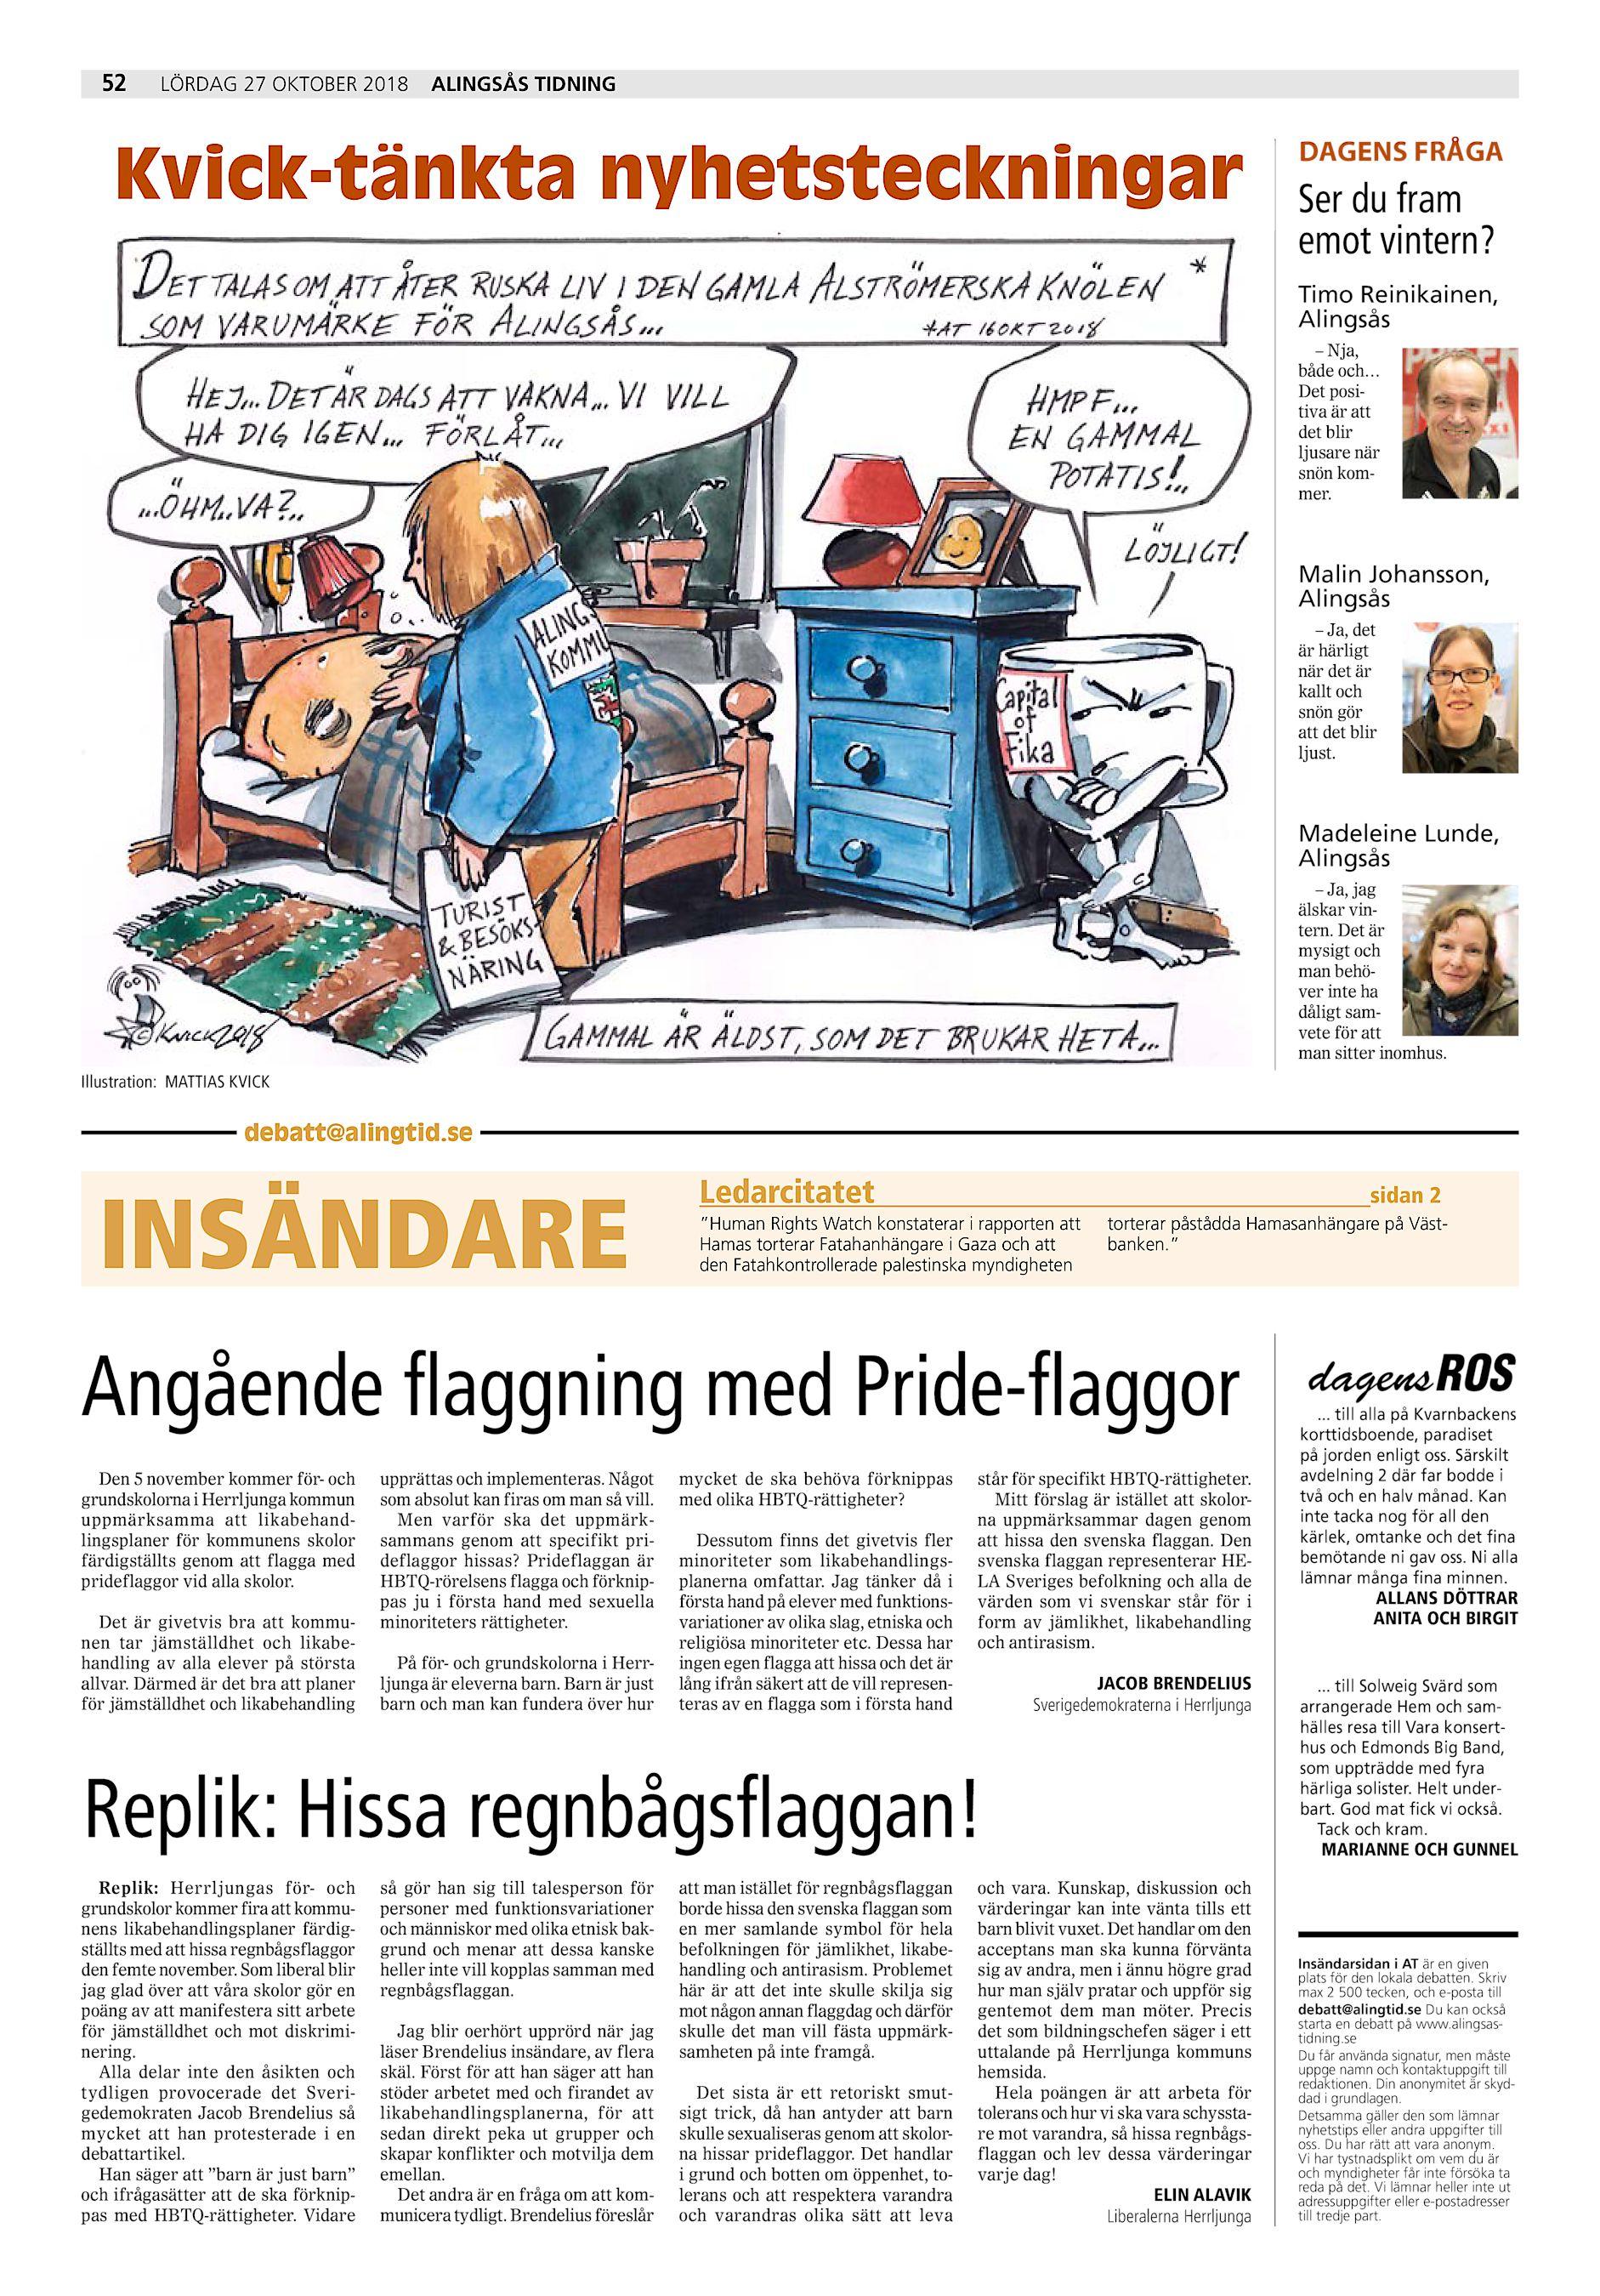 52 lördag 27 oktober 2018 Alingsås Tidning Kvick-tänkta nyhetsteckningar  DAGENS FRÅGA Ser du fram emot vintern  Timo Reinikainen 1270f1937ae3b